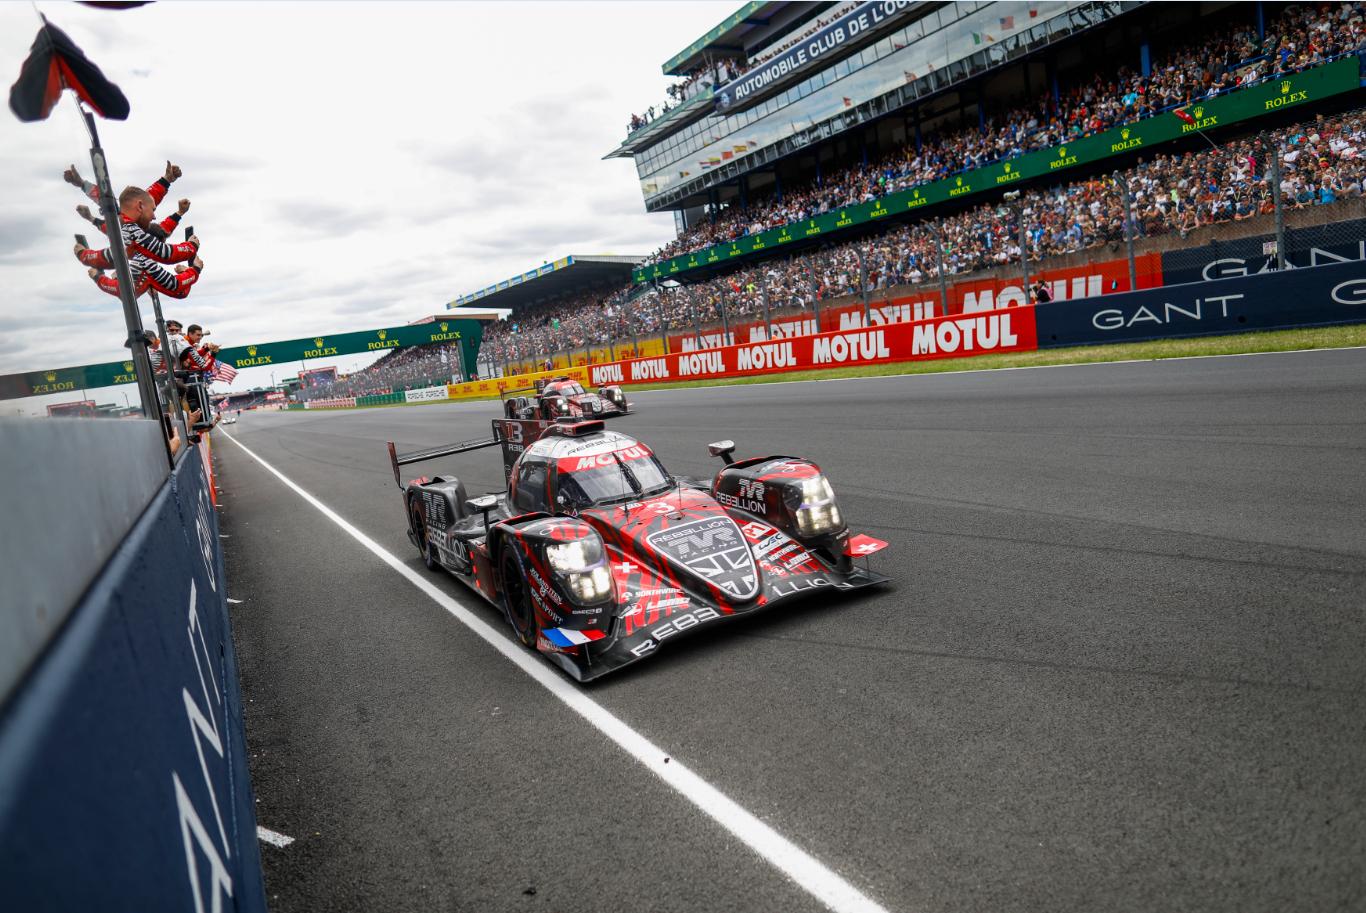 Si vous étiez aux 24 Heures du Mans cette année ou connecté à la plus célèbre des courses d'endurance à travers les écrans digitaux, vous n'avez pu que rencontrer Motul, sur la piste et en dehors…